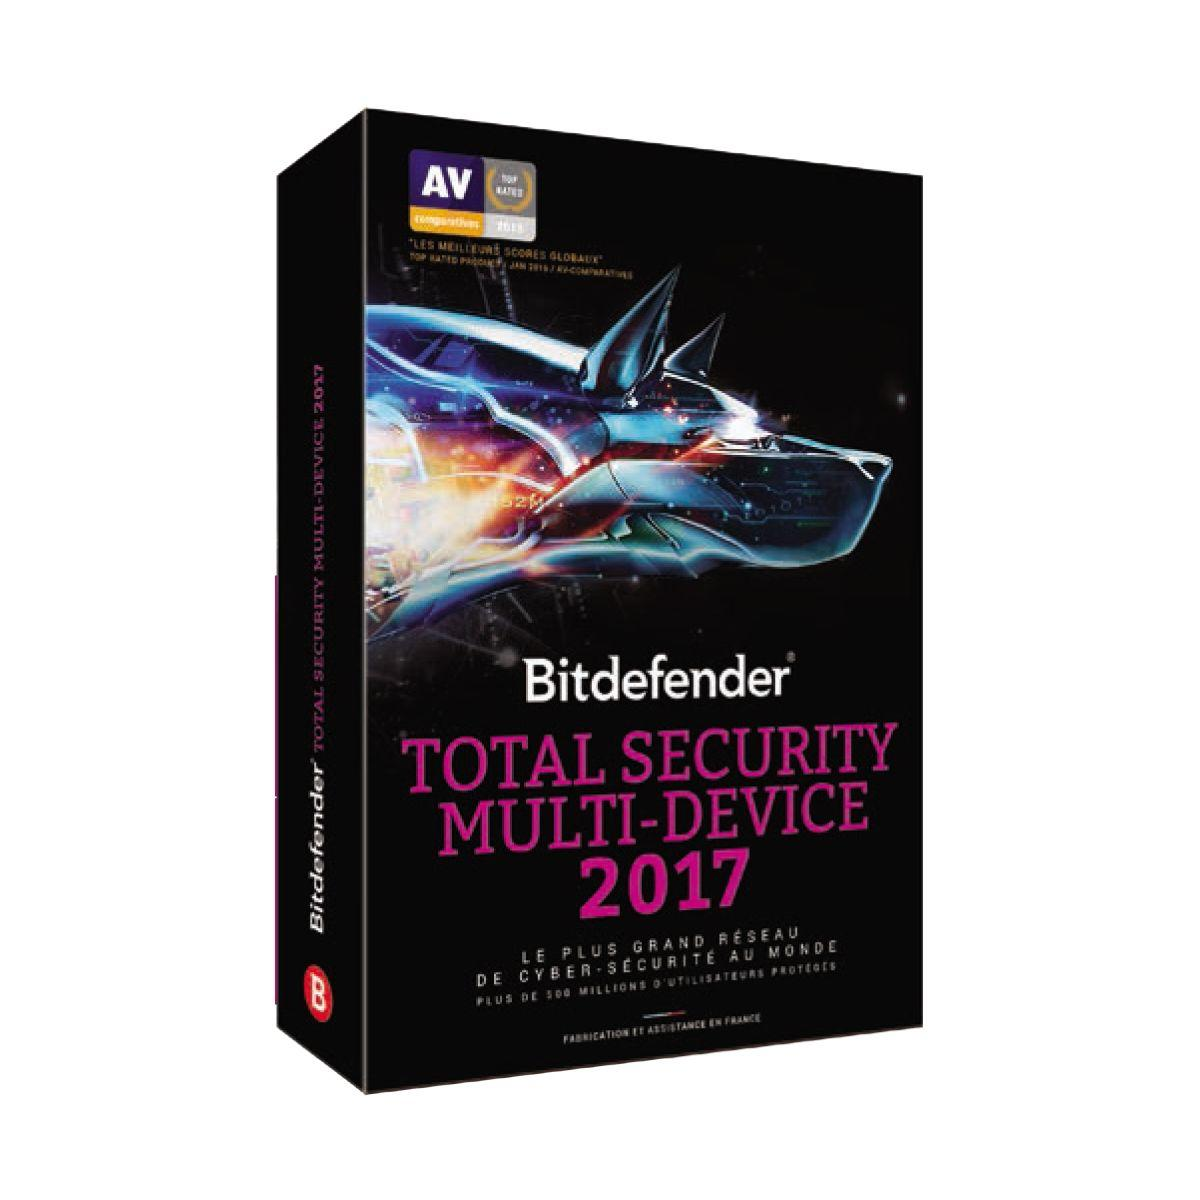 Logiciel pc bitdefender total security 2017 - - 15% de remise immédiate avec le code : cash15 (photo)